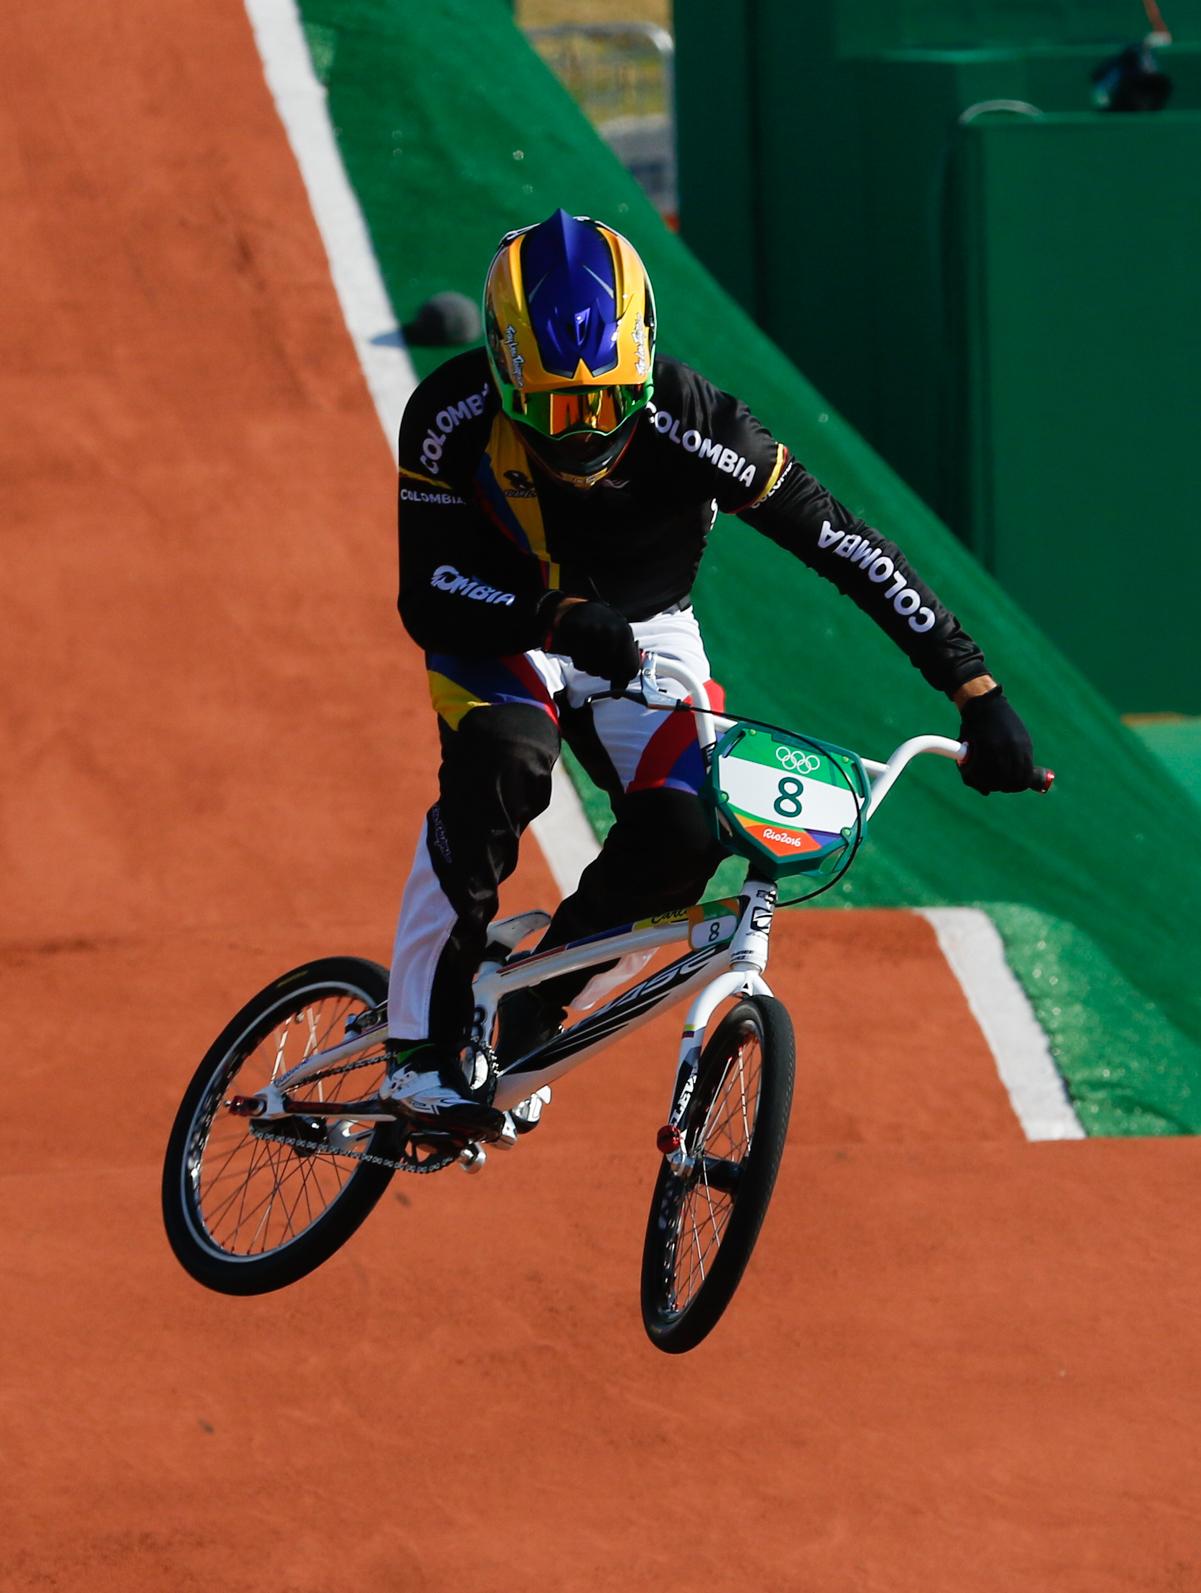 Carlos Ramirez BMX Rider Wikipedia